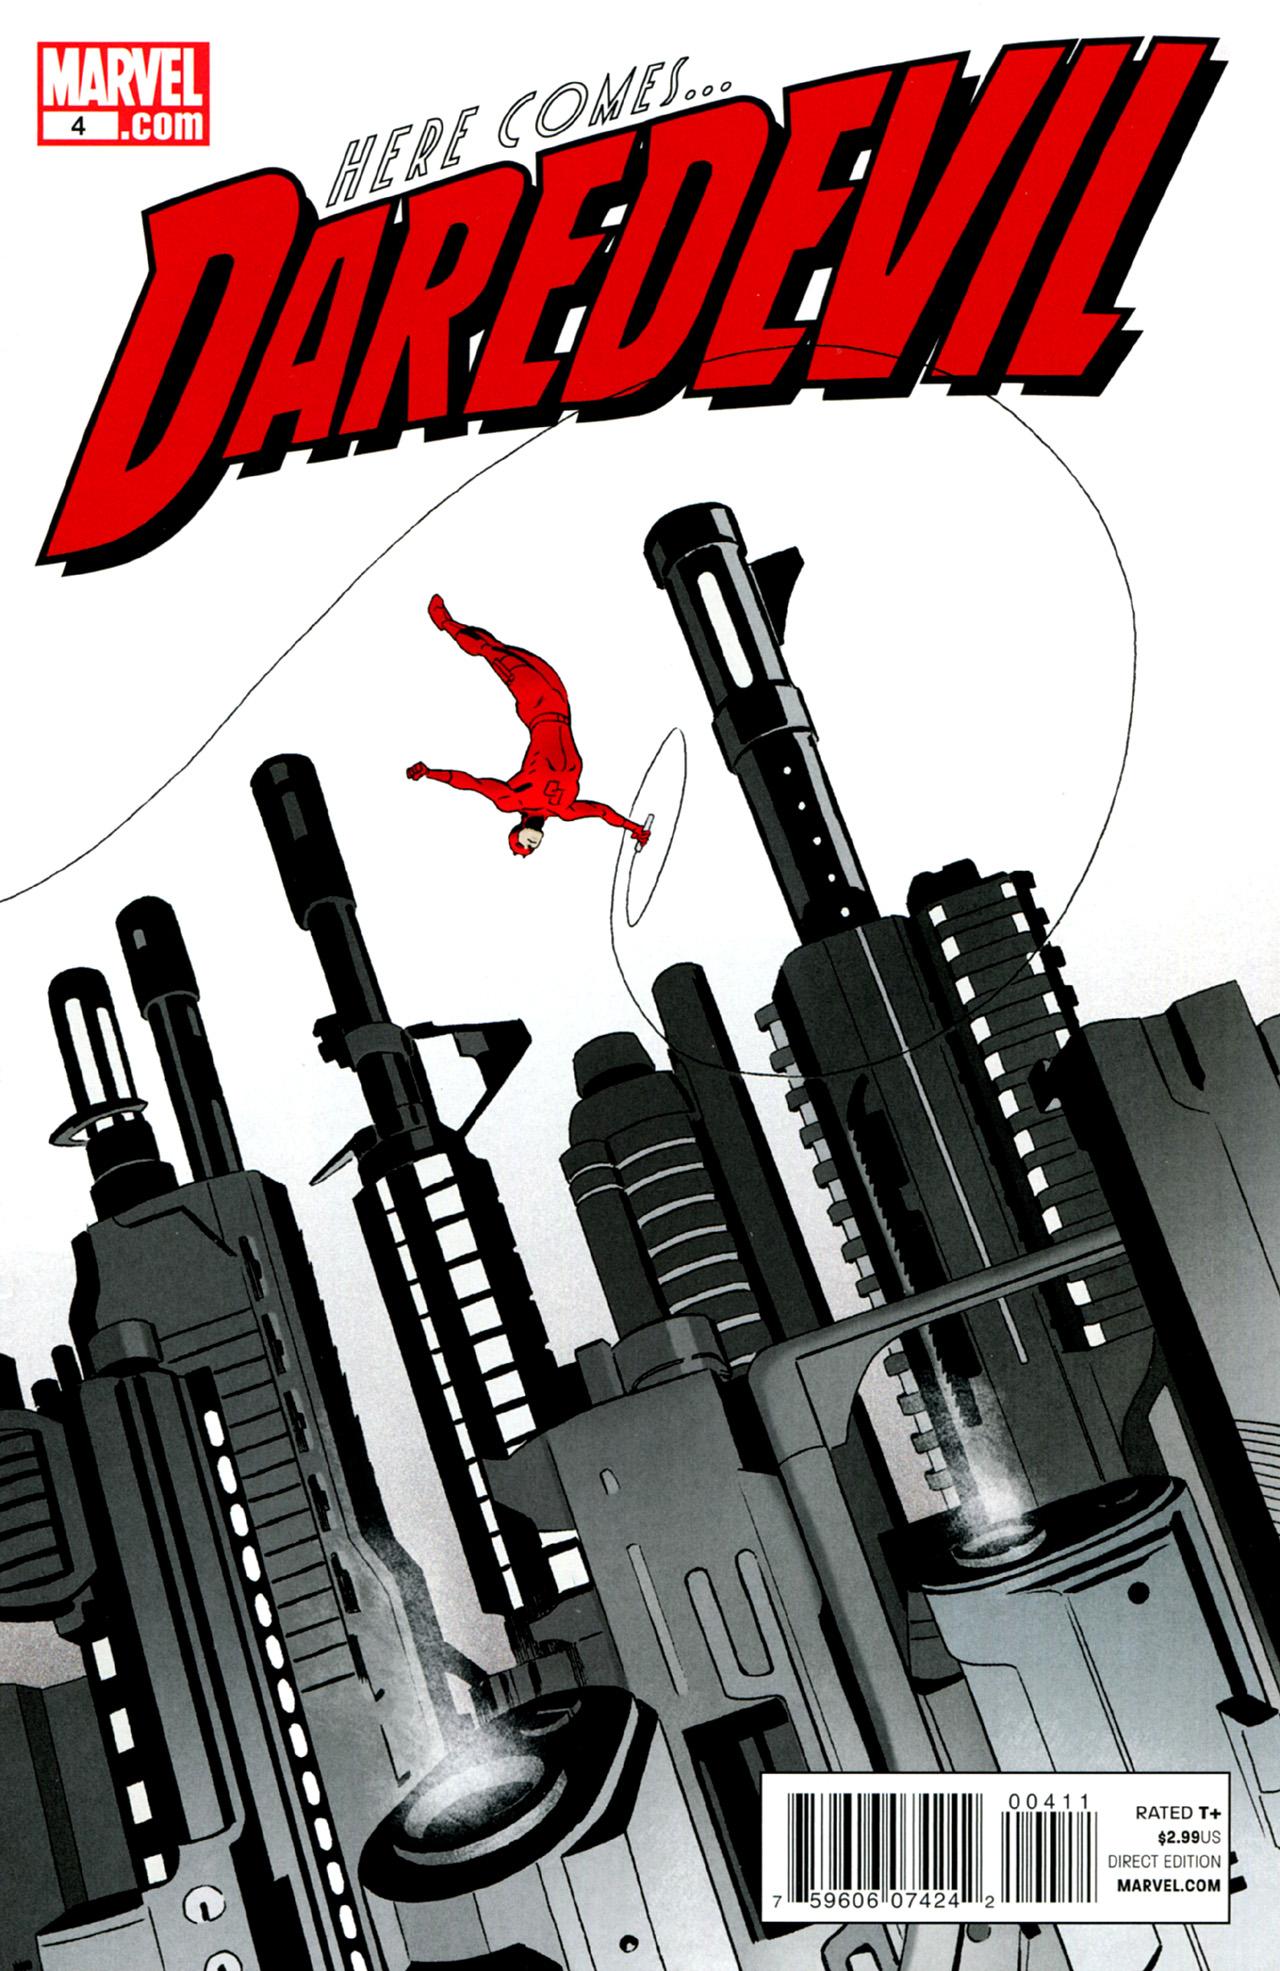 Daredevil #4 001